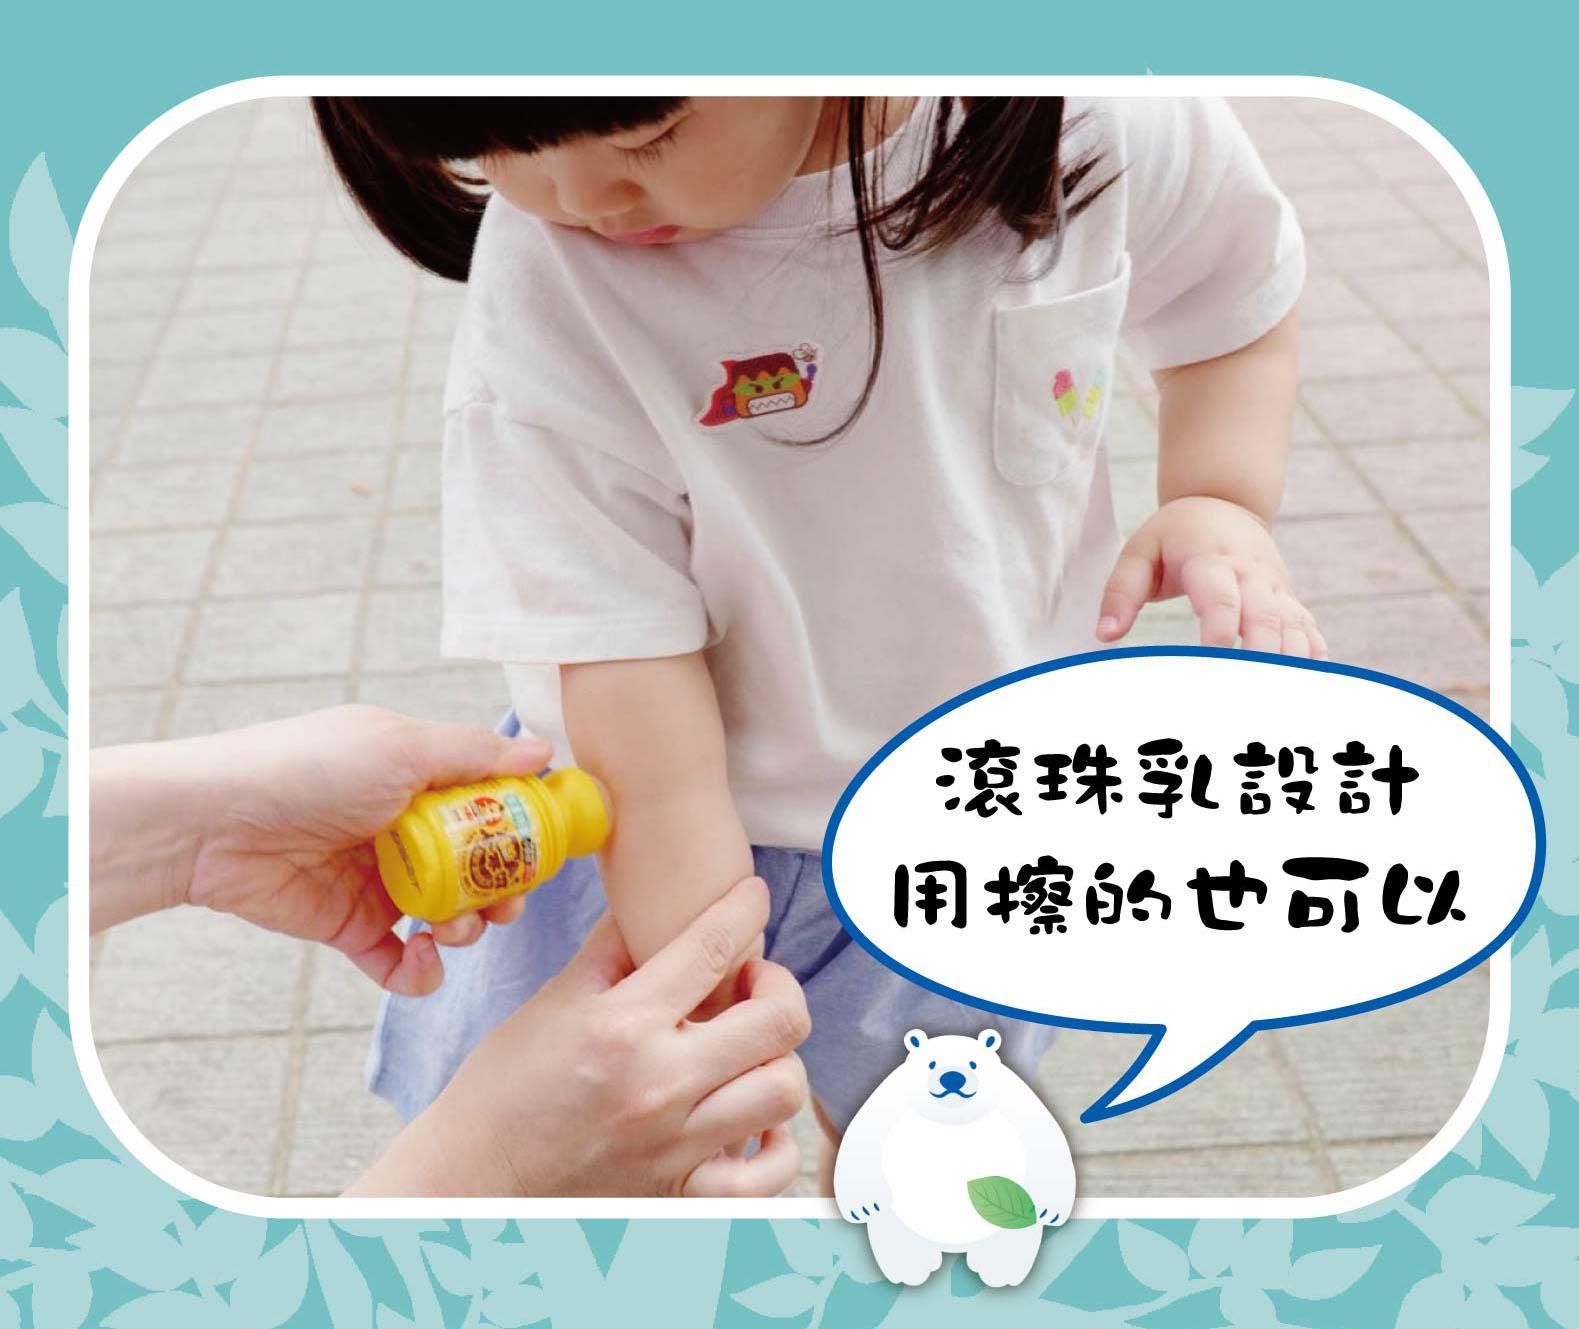 小不叮滾珠乳設計,用擦的也可以。